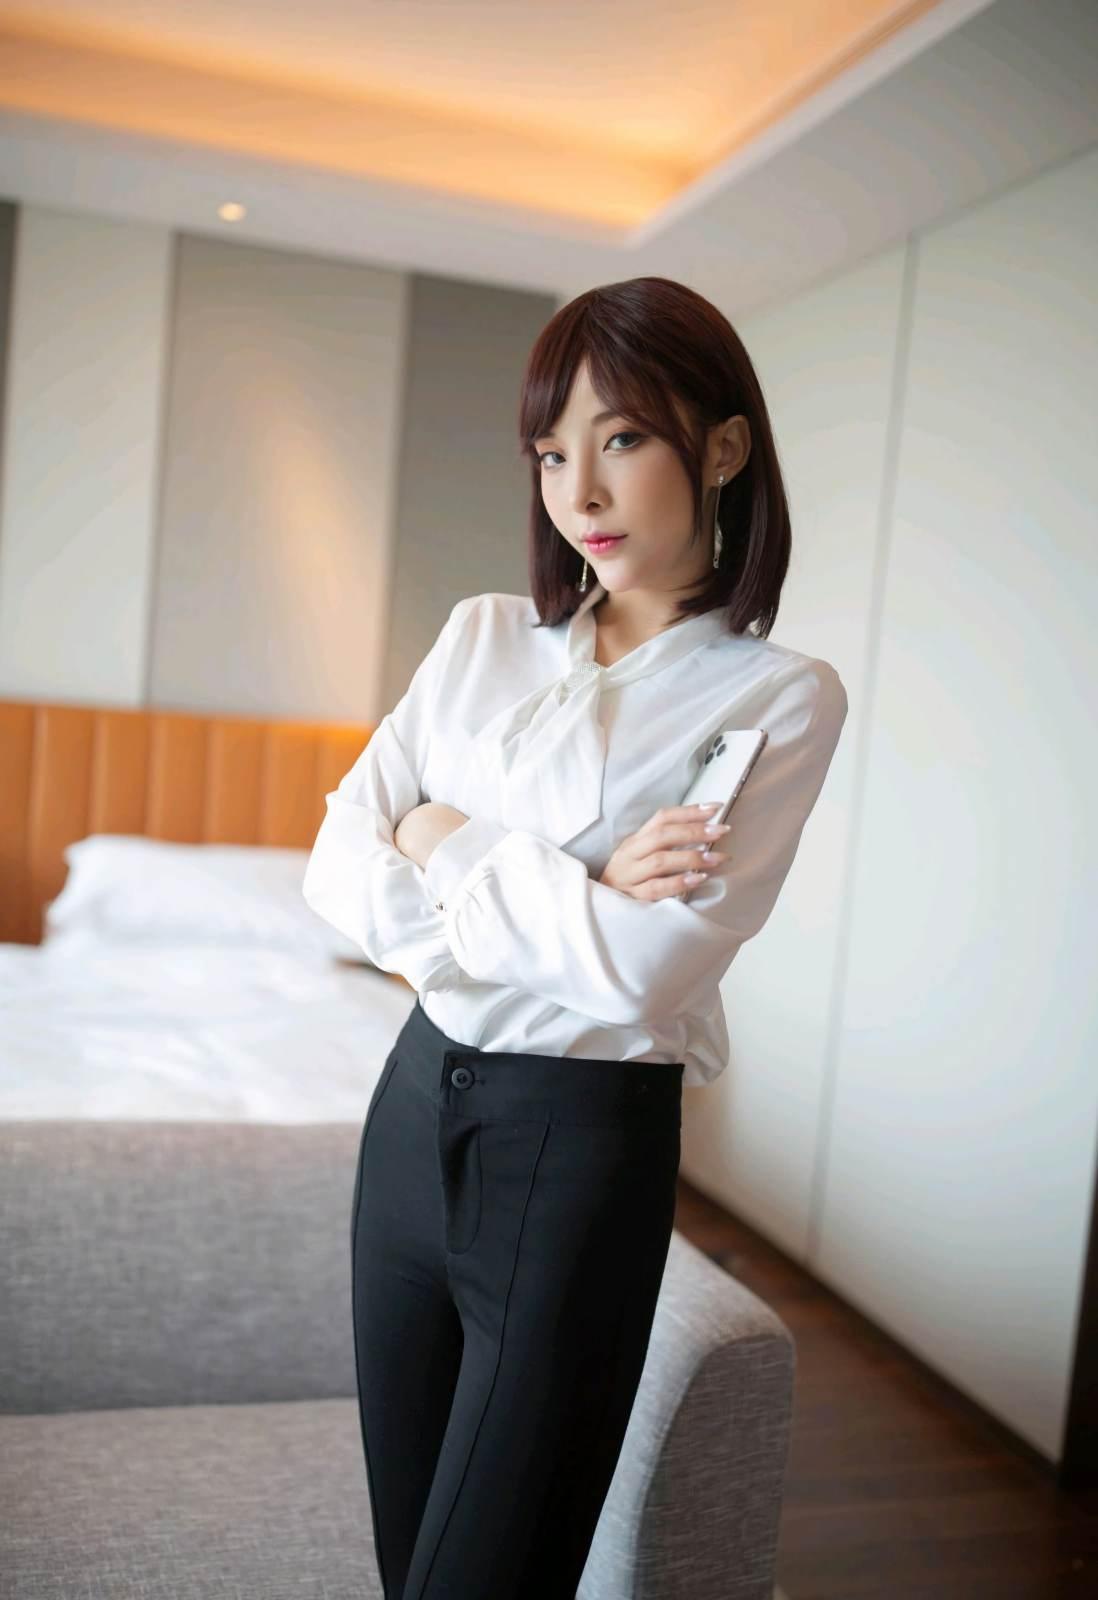 第169期公司女老板查岗陈小喵(高跟,丝袜)_图片3